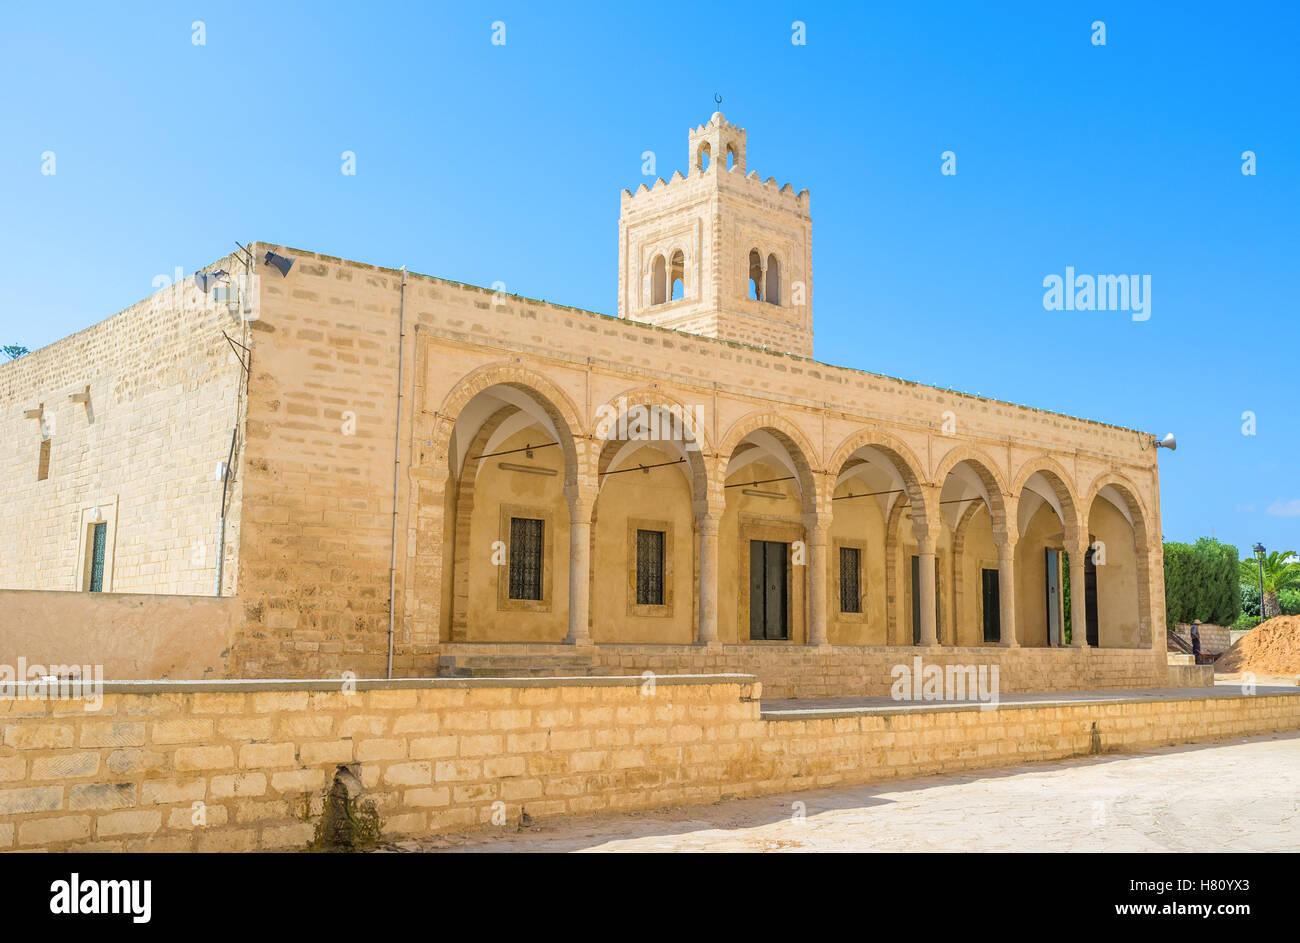 La fachada de la gran mezquita medieval, que es vecina con Ribat citadel, Monastir, Túnez. Imagen De Stock